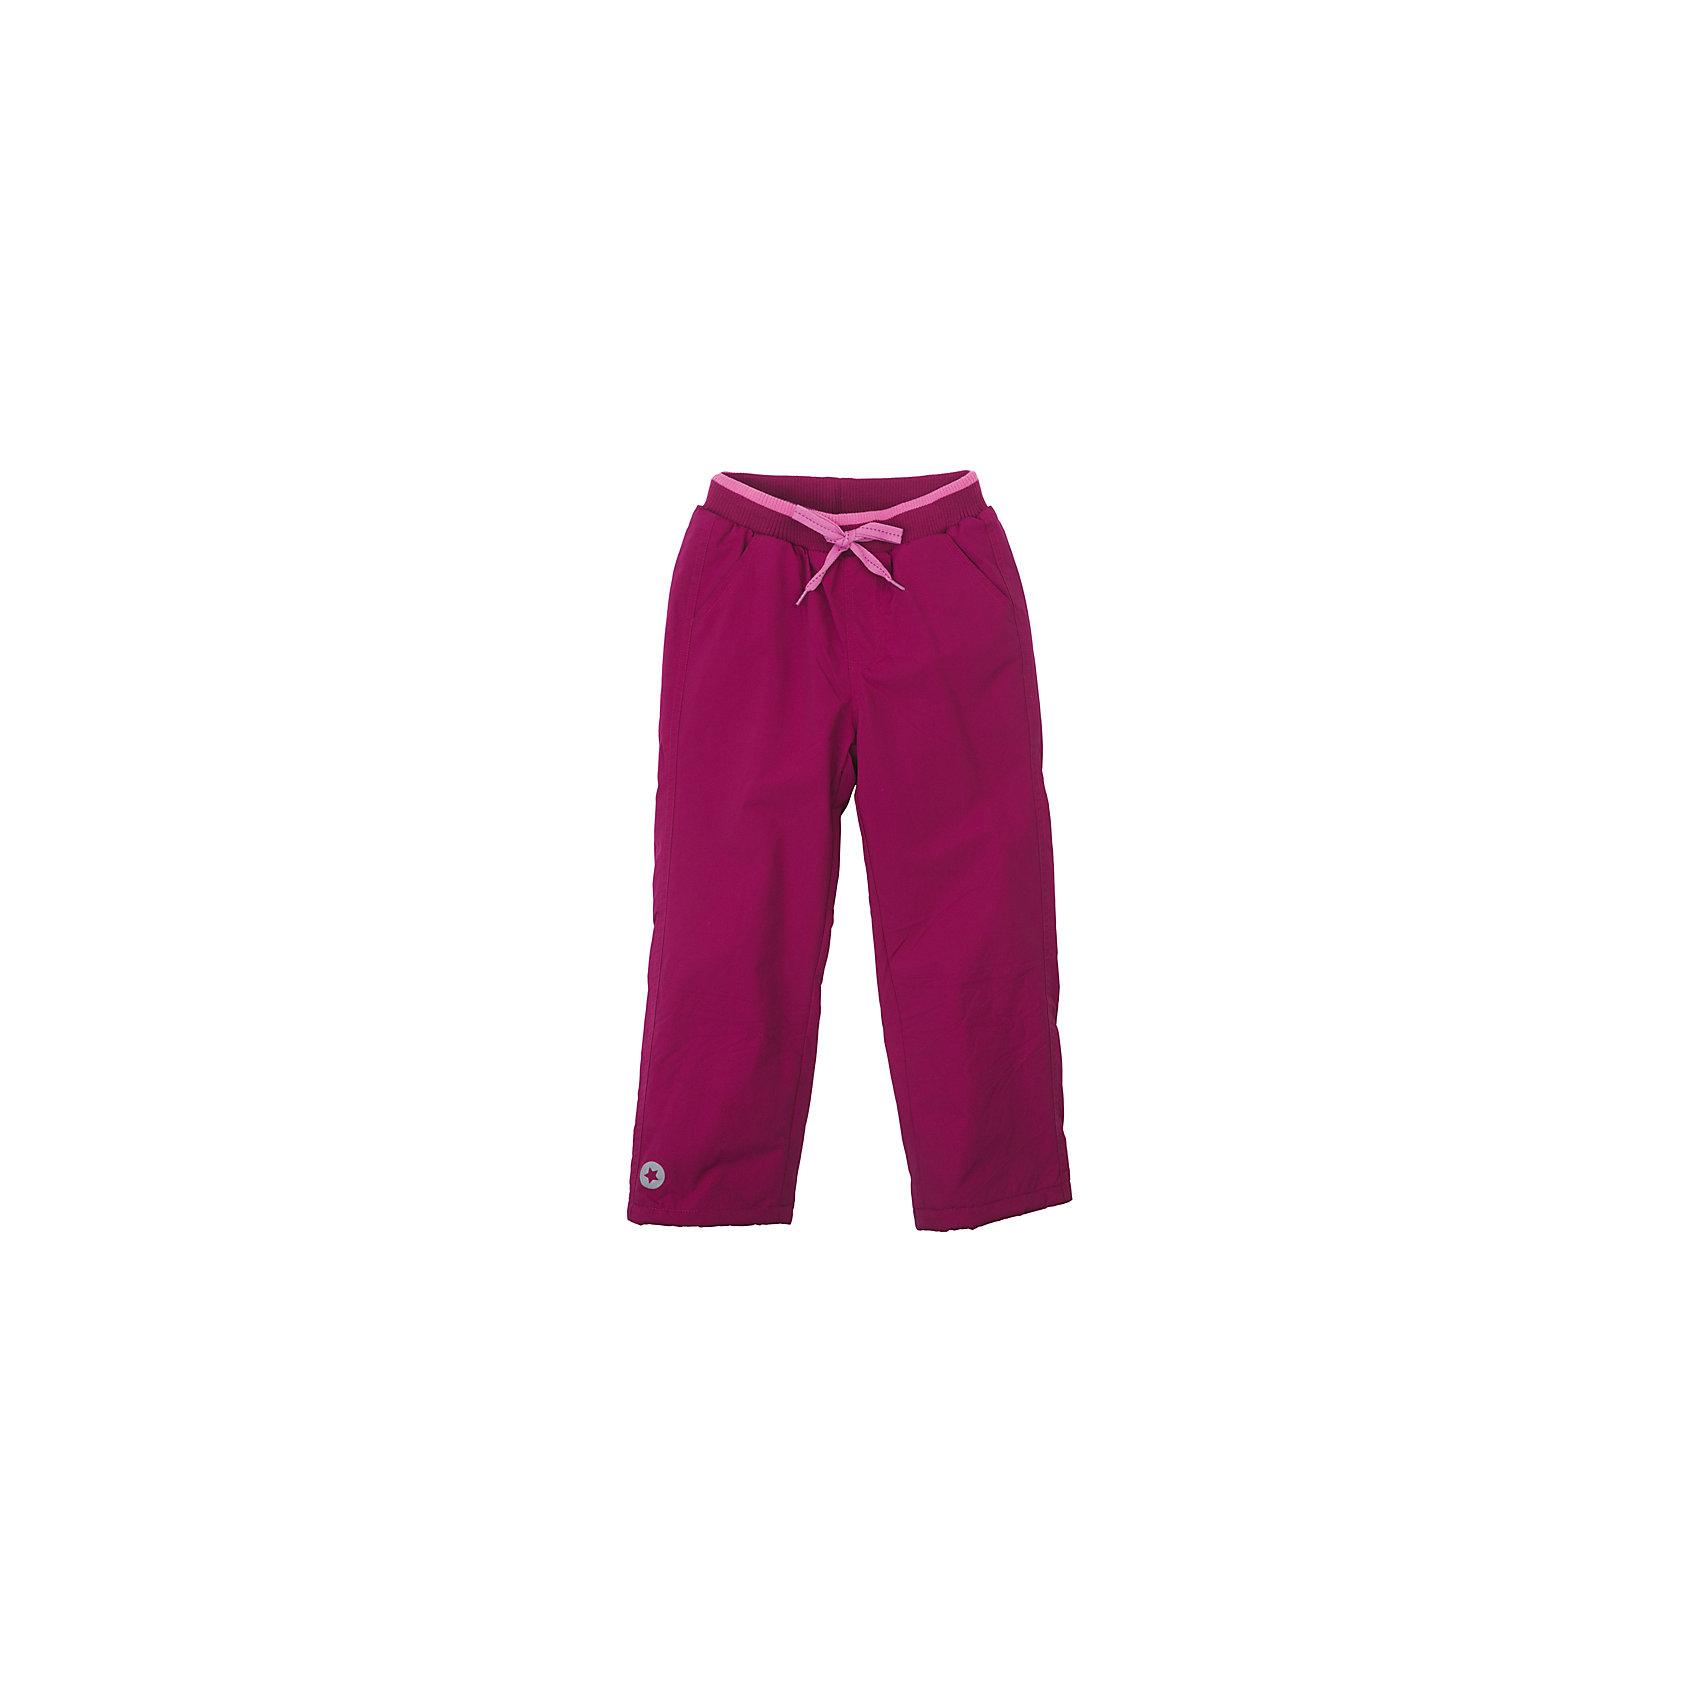 Брюки для девочки PlayTodayБрюки<br>Брюки для девочки PlayToday<br>Практичные брюки из ткани с водоотталкивающей пропиткой актуальное решение для детского гардероба. Брюки на мягкой трикотажной резинке прекрасно подойдут для прогулок в любую погоду. В случае, если брюки окажутся великоваты - их смело можно затянуть лентой, которая расположена по контуру пояса. Светоотражатель по нижней части брюк обеспечит безопасность Вашего ребенка - он будет виден в темное время суток.  <br><br>Преимущества: <br><br>Водоооталкивающая ткань<br>Мягкая трикотажная резинка на поясе <br>Светооражатель<br><br>Состав:<br>Верх: 100% нейлон, подкладка: 100% полиэстер<br><br>Ширина мм: 215<br>Глубина мм: 88<br>Высота мм: 191<br>Вес г: 336<br>Цвет: розовый<br>Возраст от месяцев: 84<br>Возраст до месяцев: 96<br>Пол: Женский<br>Возраст: Детский<br>Размер: 128,98,104,110,116,122<br>SKU: 5403795